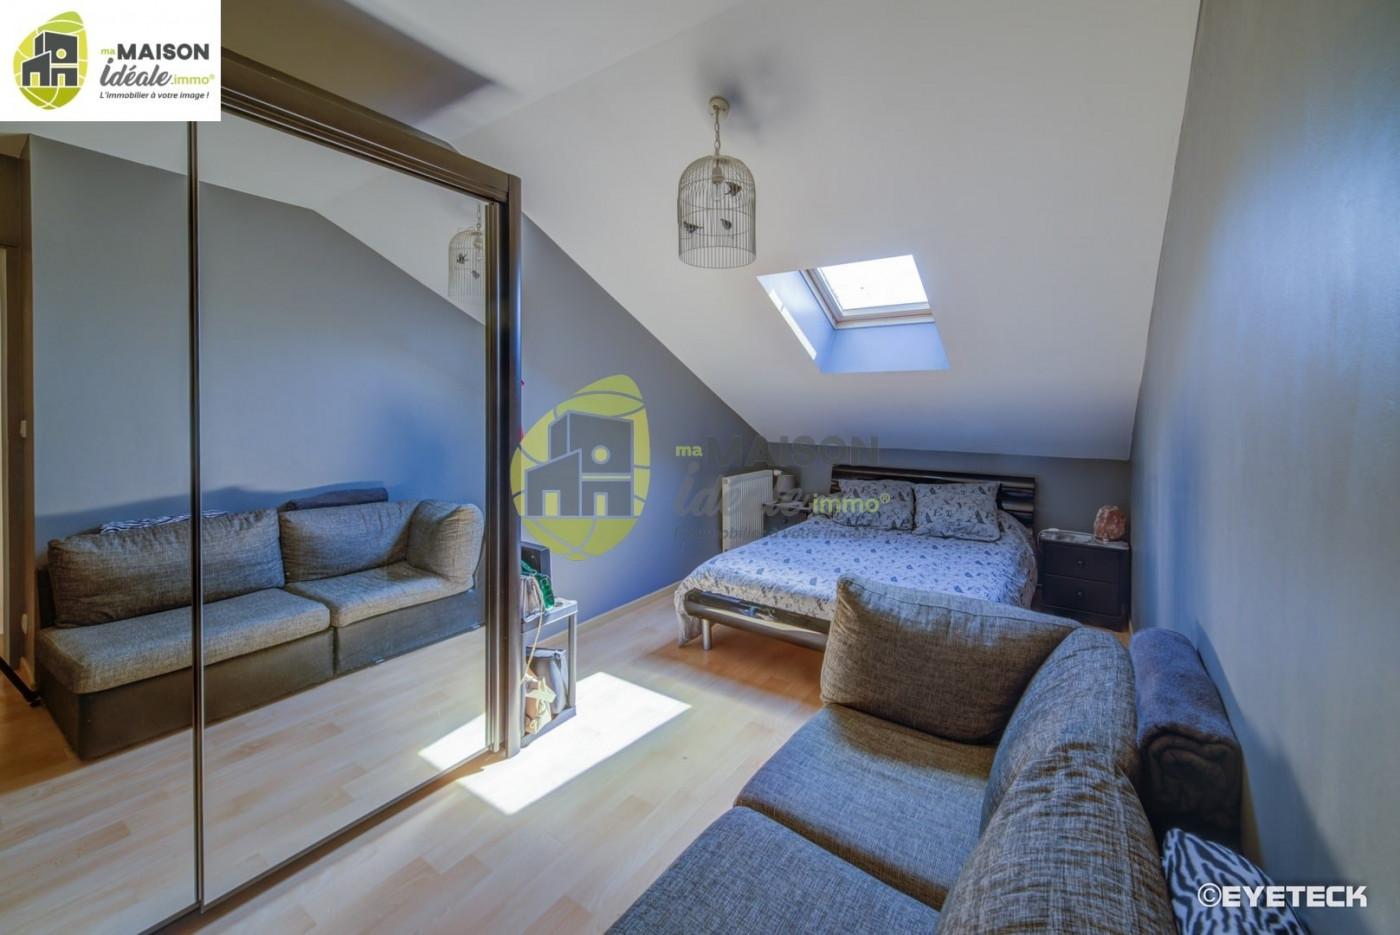 A vendre  Saint Caprais | Réf 36003951 - Ma maison ideale